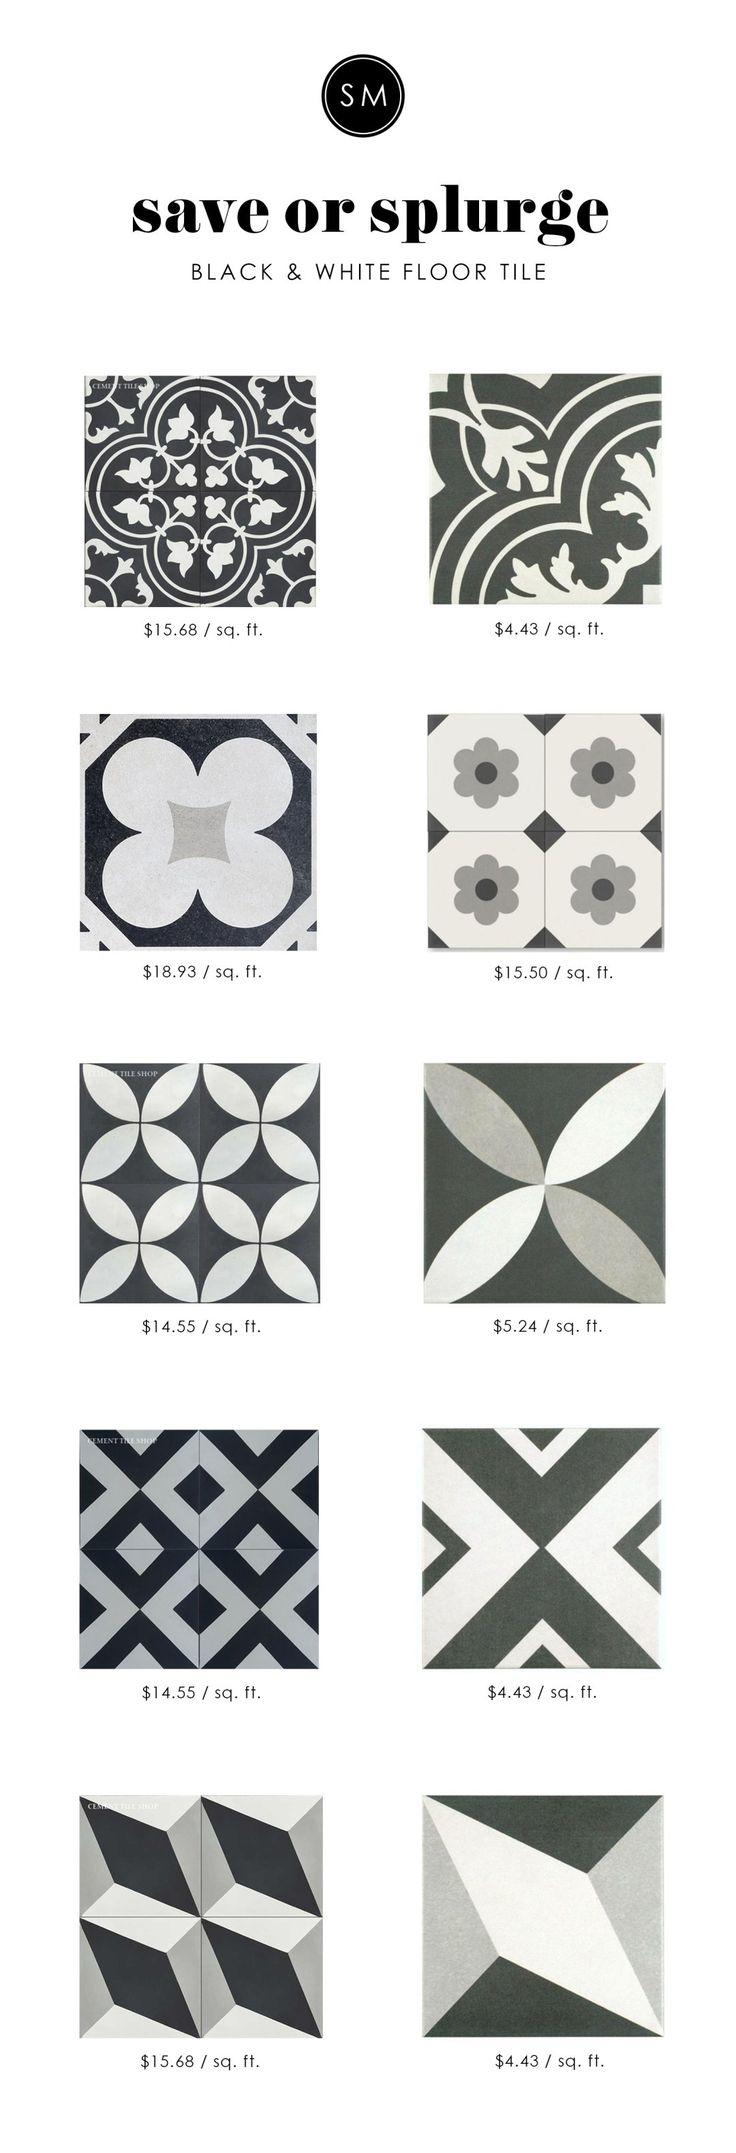 black & white floor tiles.